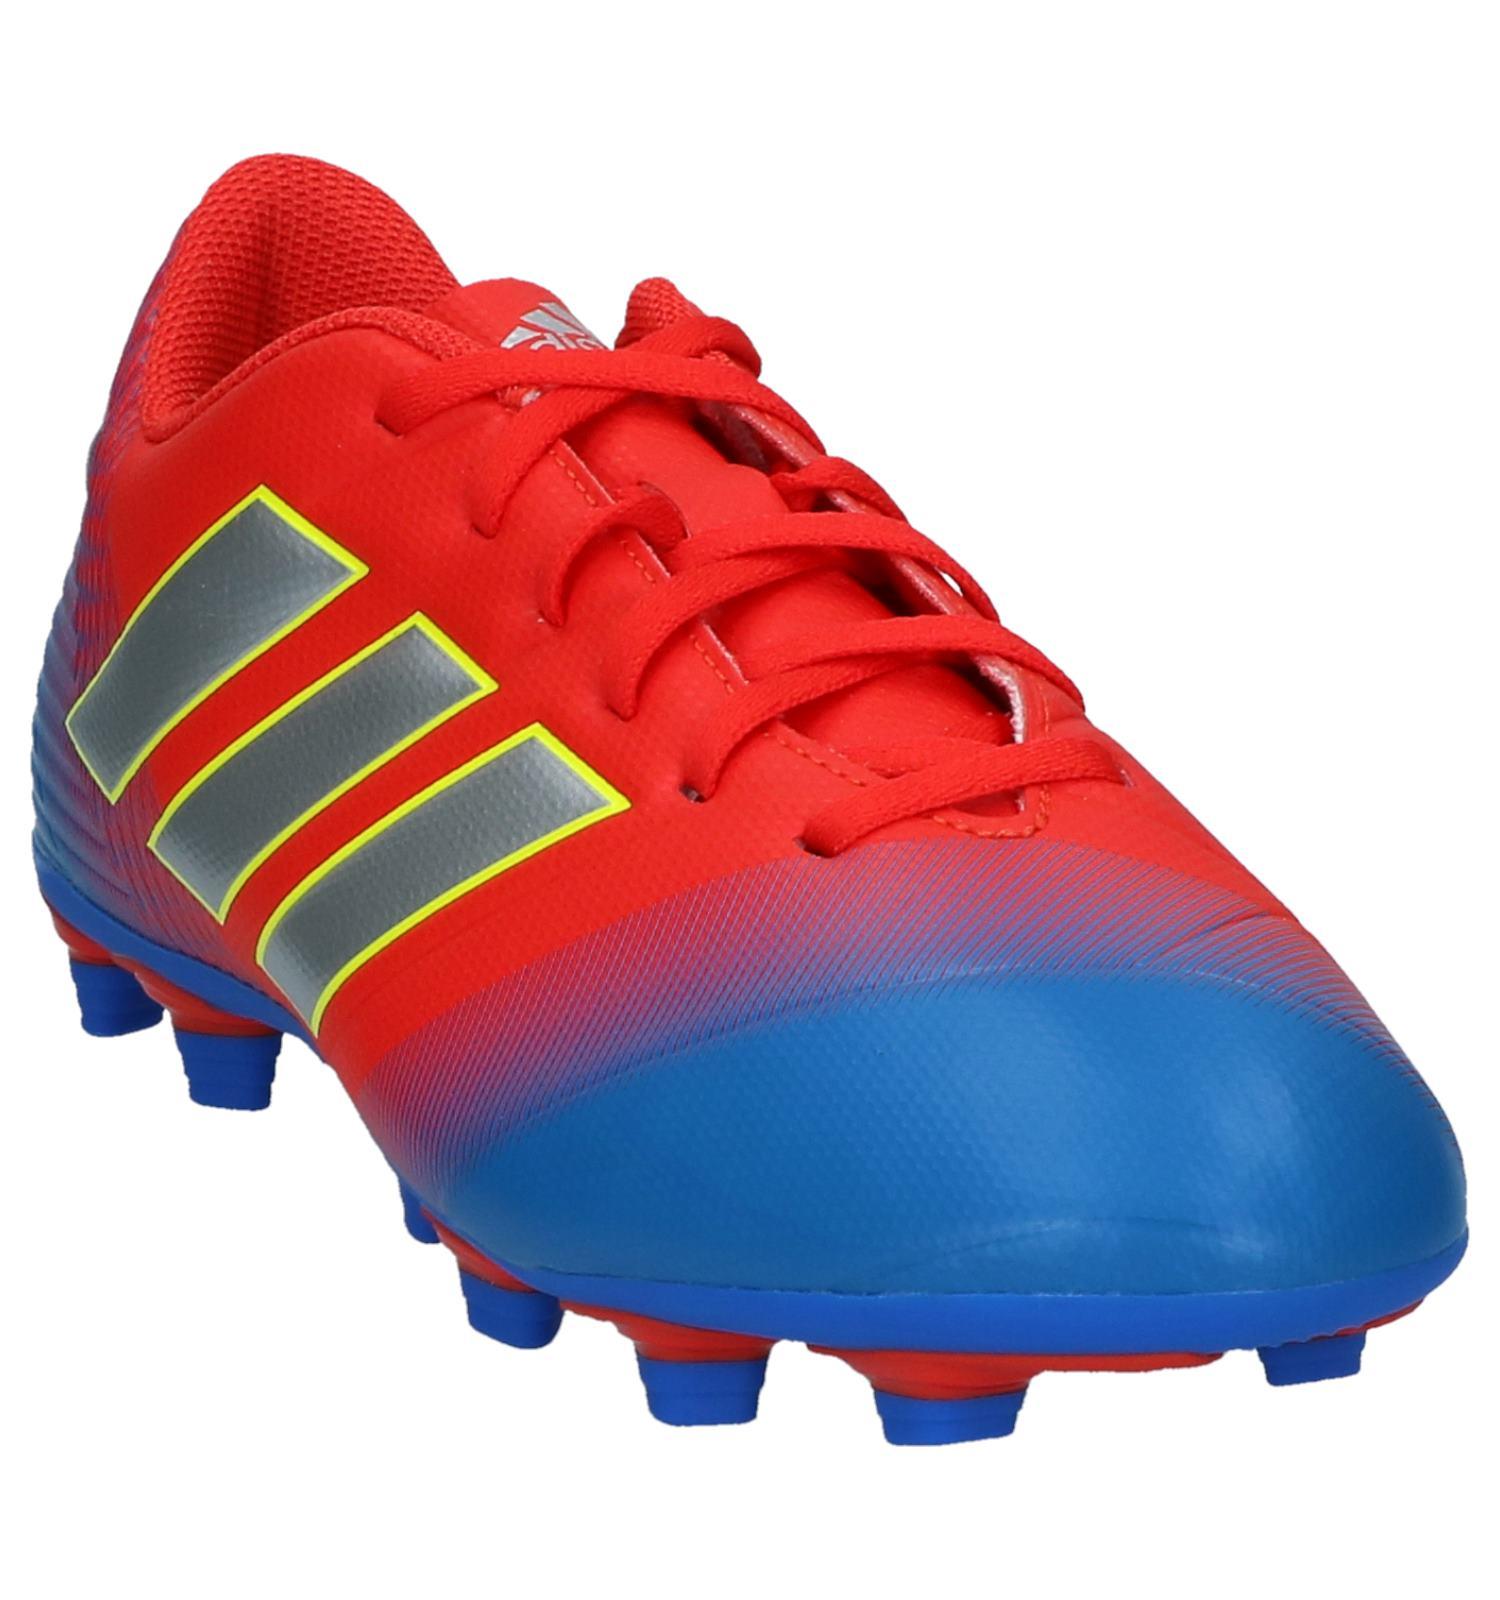 9927ef15ad4 Rood/Blauwe Voetbalschoenen adidas Nemeziz Messi 18.4   TORFS.BE   Gratis  verzend en retour